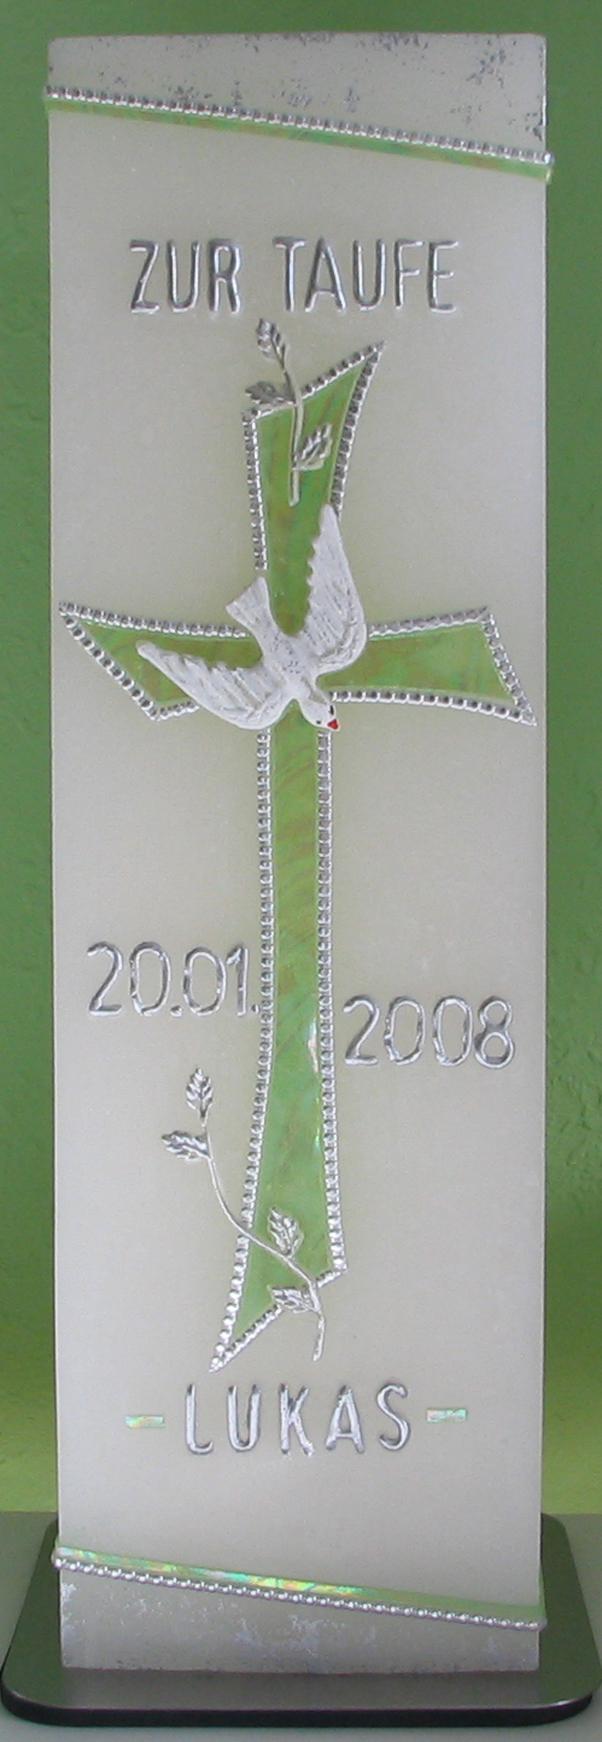 TE-3001, quadratisch, HxB ca. 26 cm x 7,5 cm, Preis ca. € 37,--